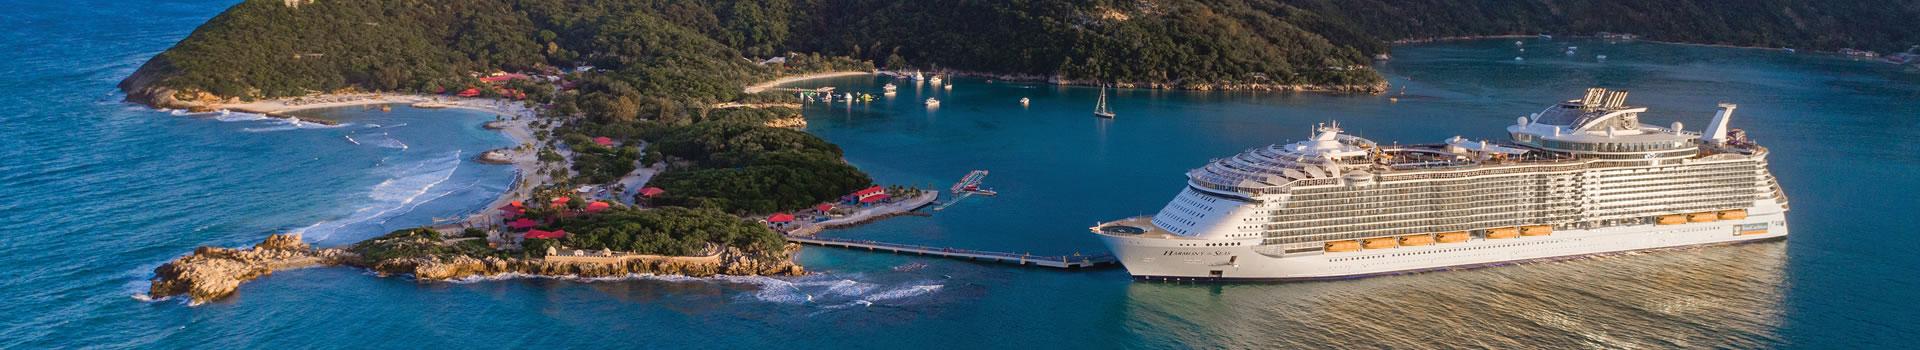 Calendario Crociere Cagliari 2020.Calendario Di Navigazione Harmony Of The Seas Royal